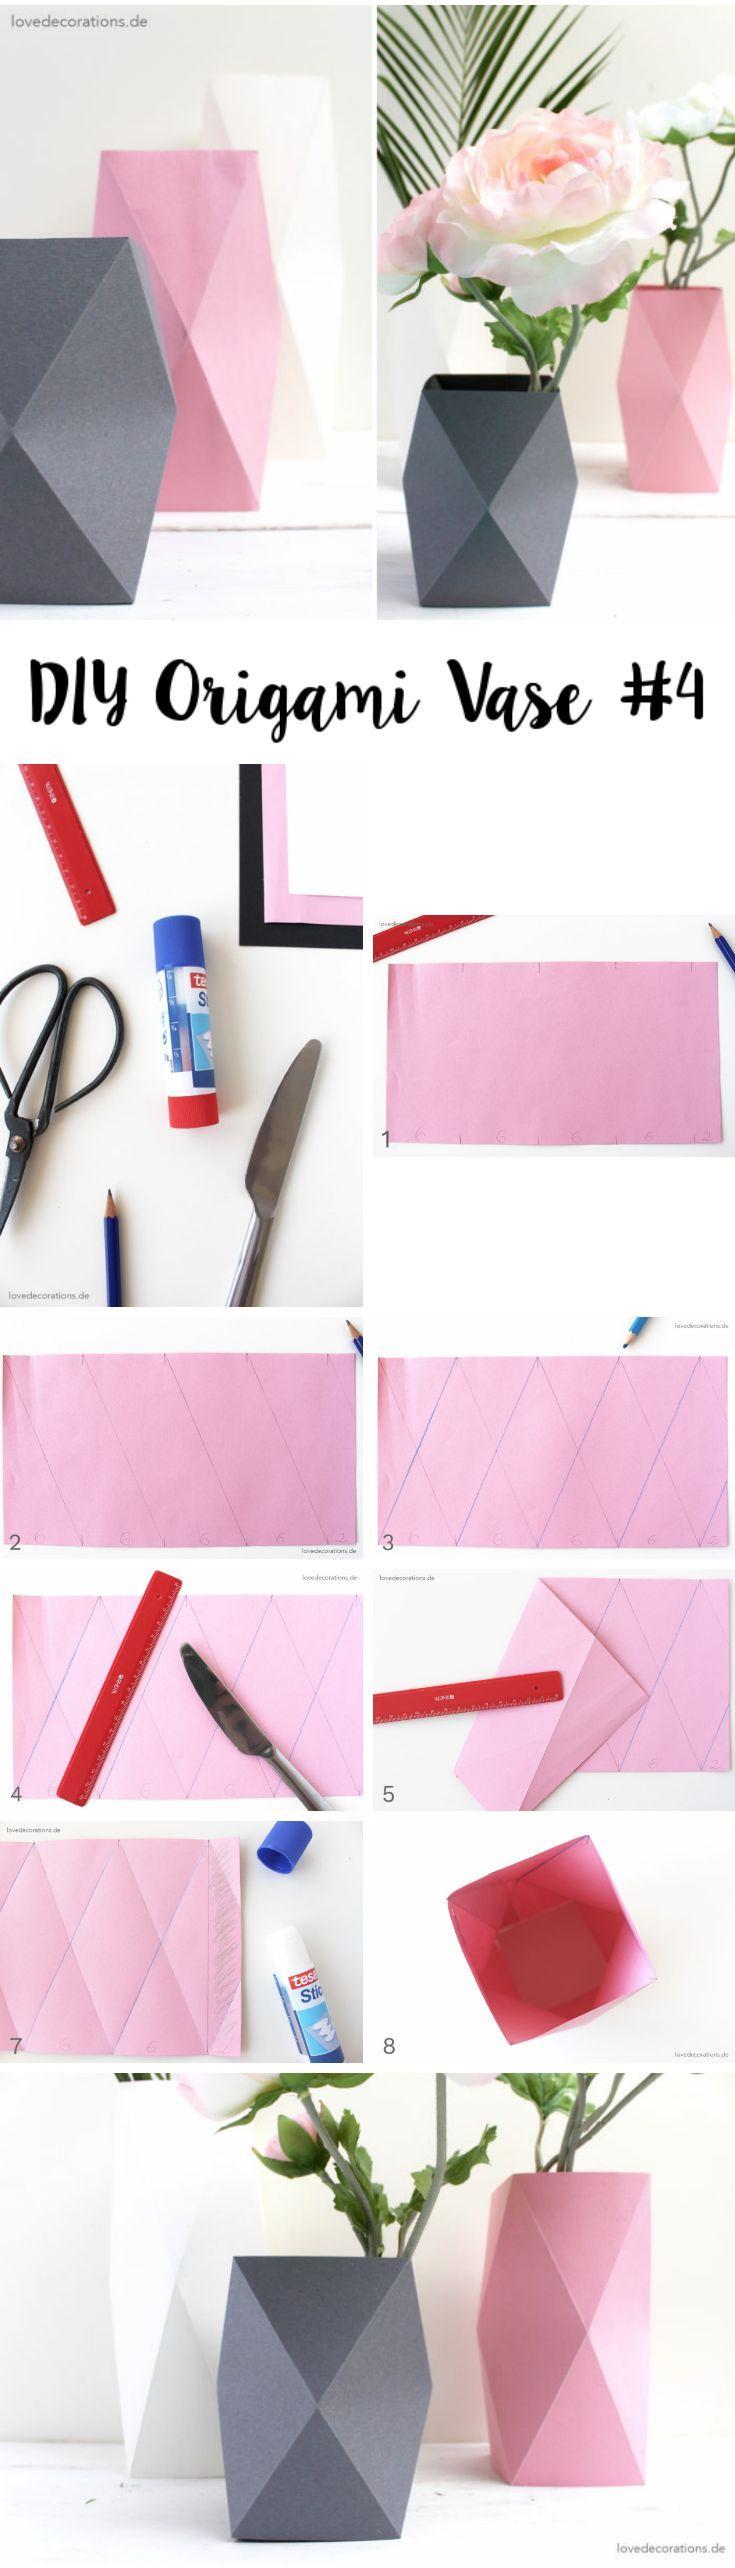 DIY Origami Vase #4 aus Tonpapier falten